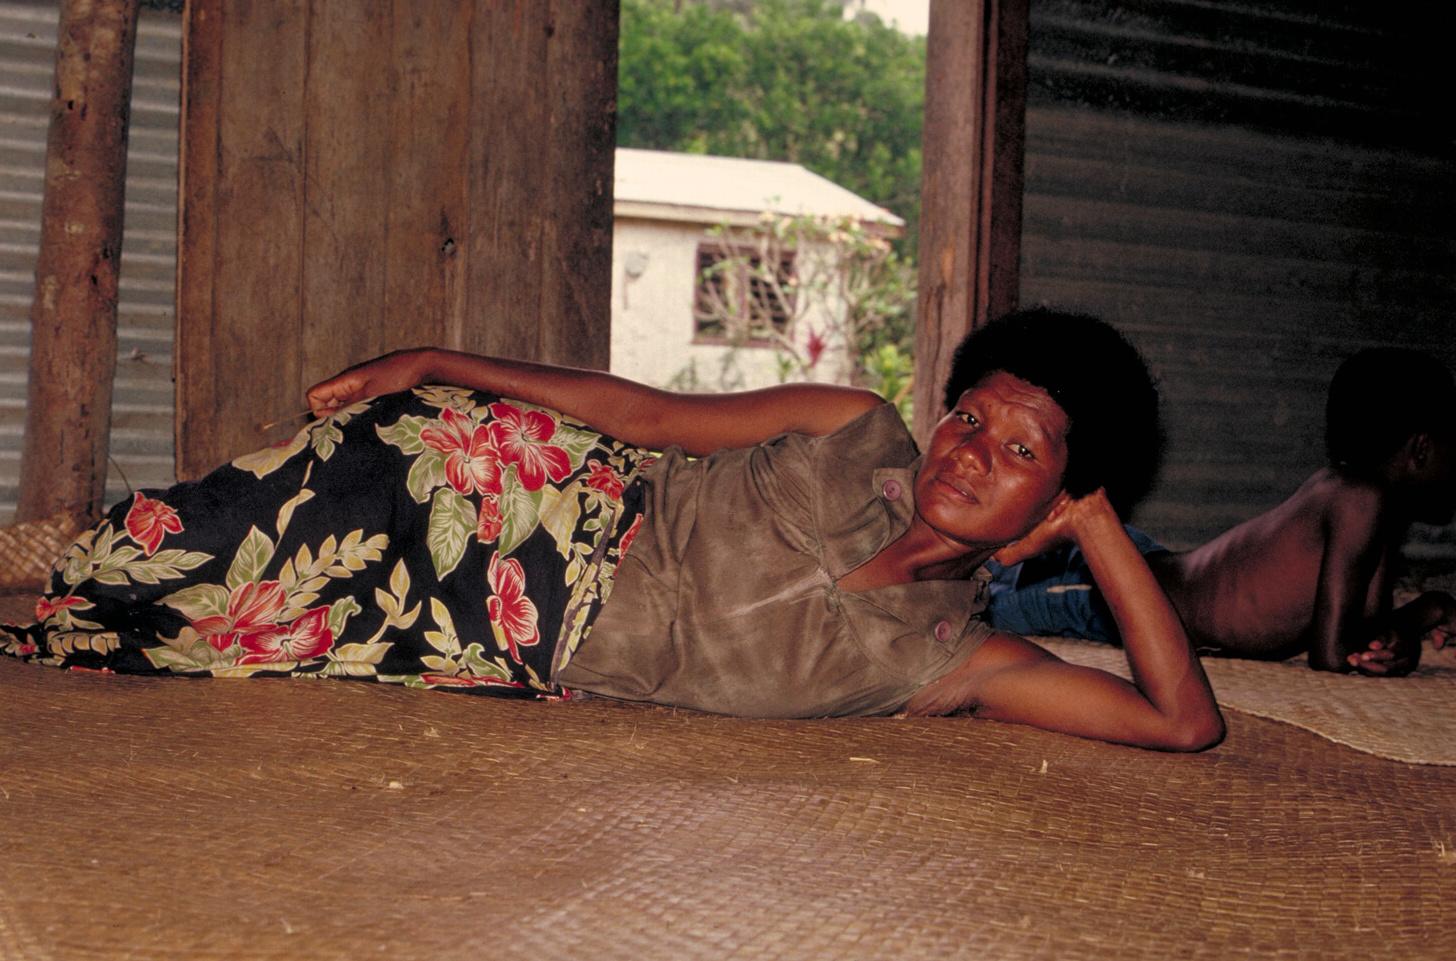 Needing a nap – Fiji